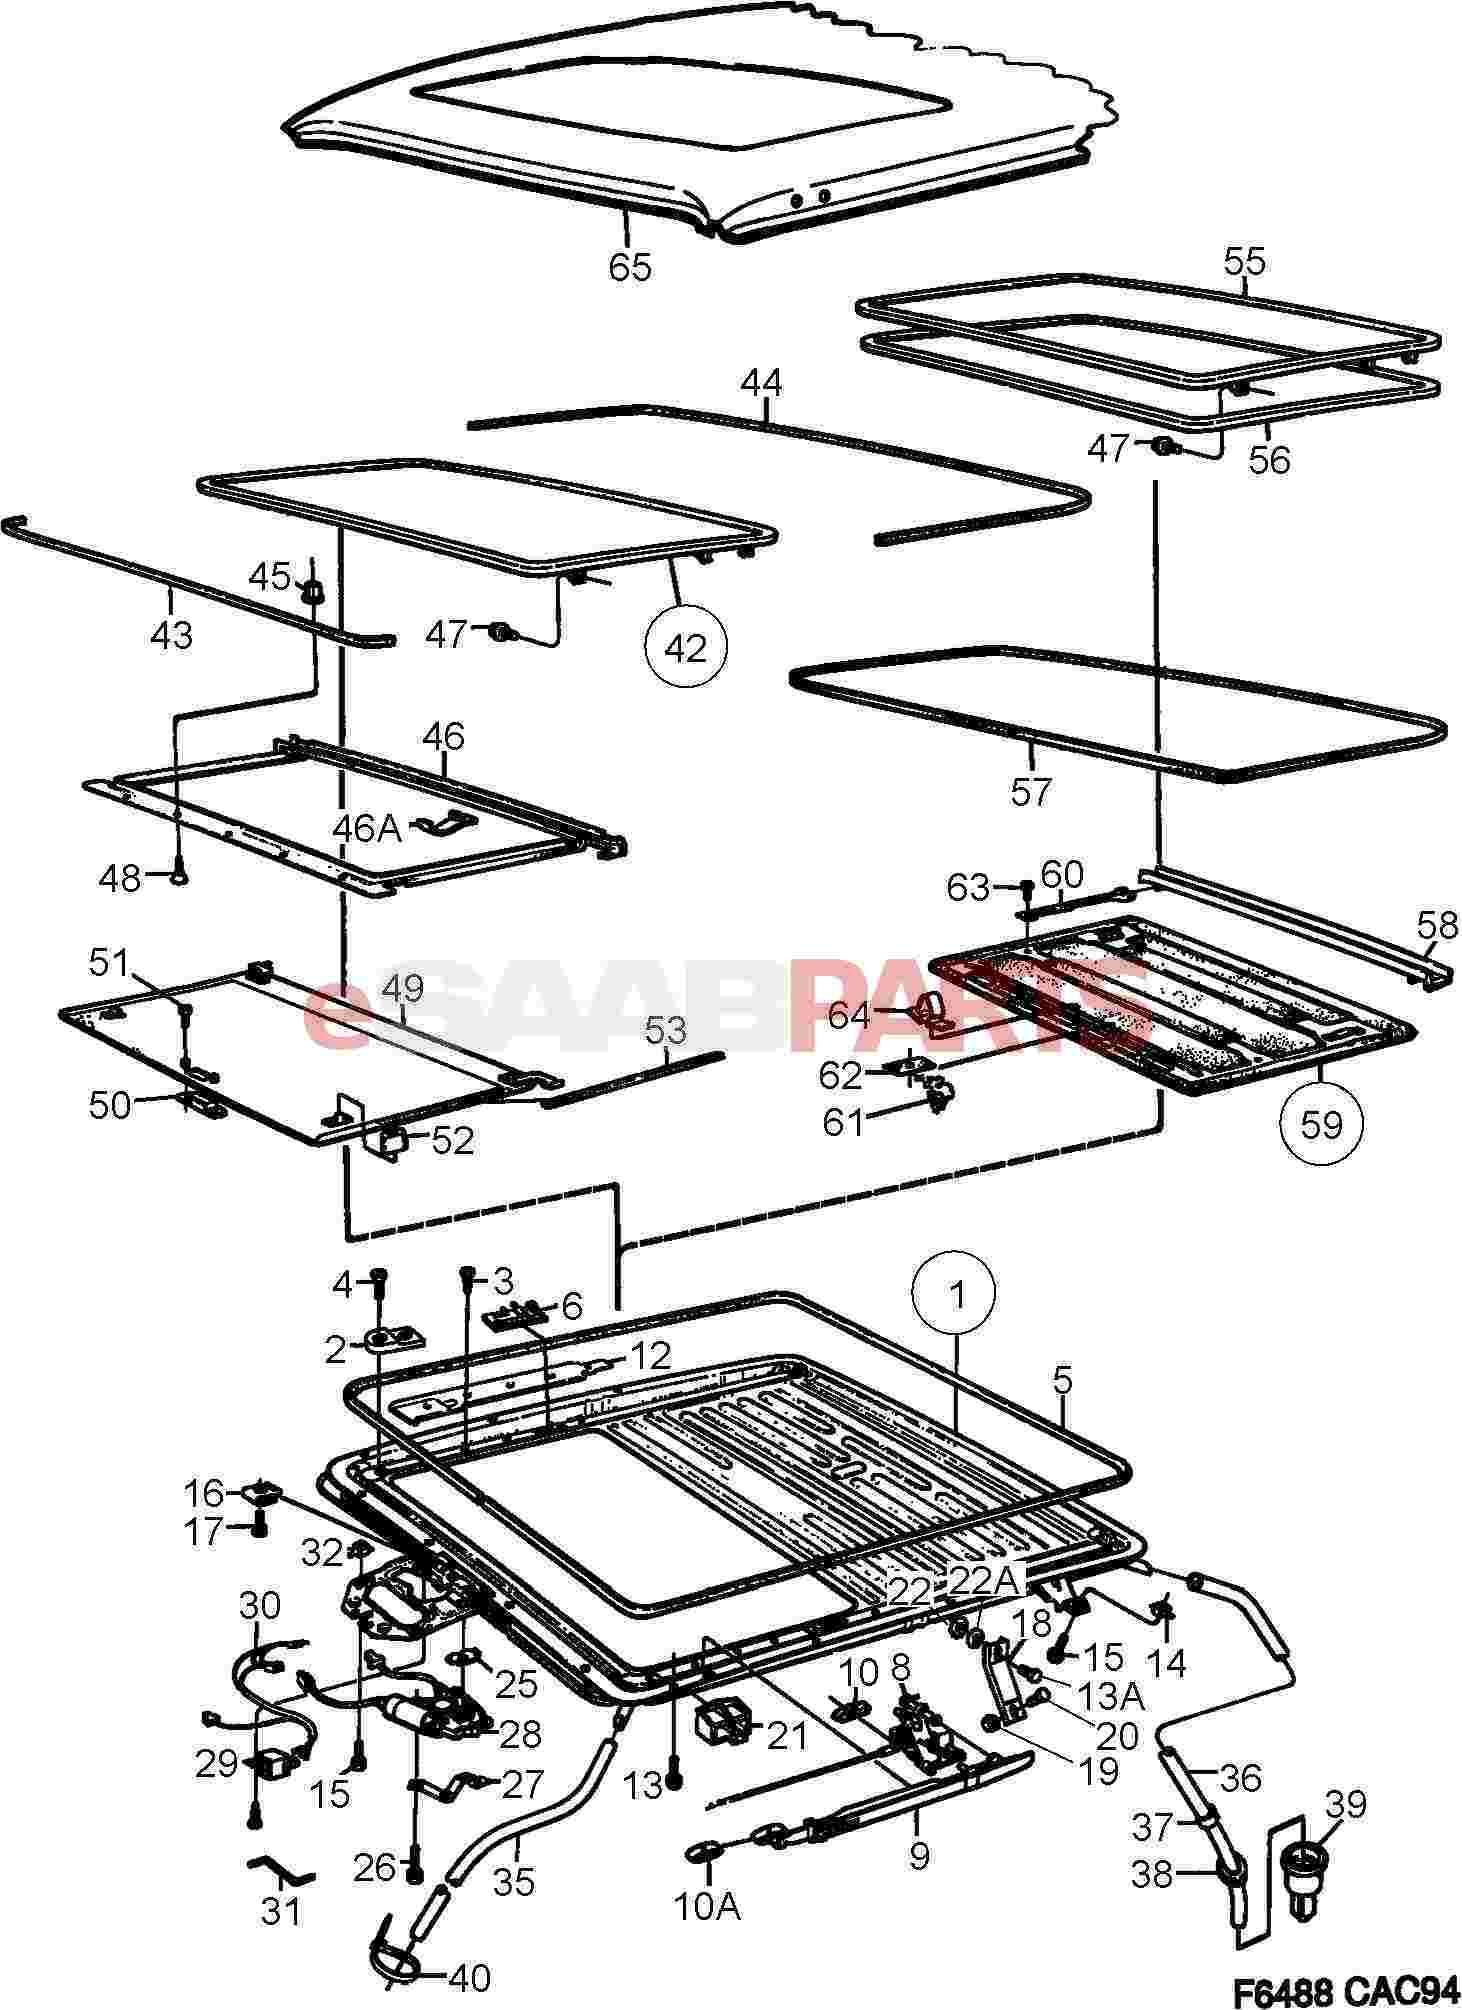 esaabparts com saab 9000 u003e car body external parts u003e sunroof rh esaabparts com saab 9000 parts catalog Saab Engine Parts